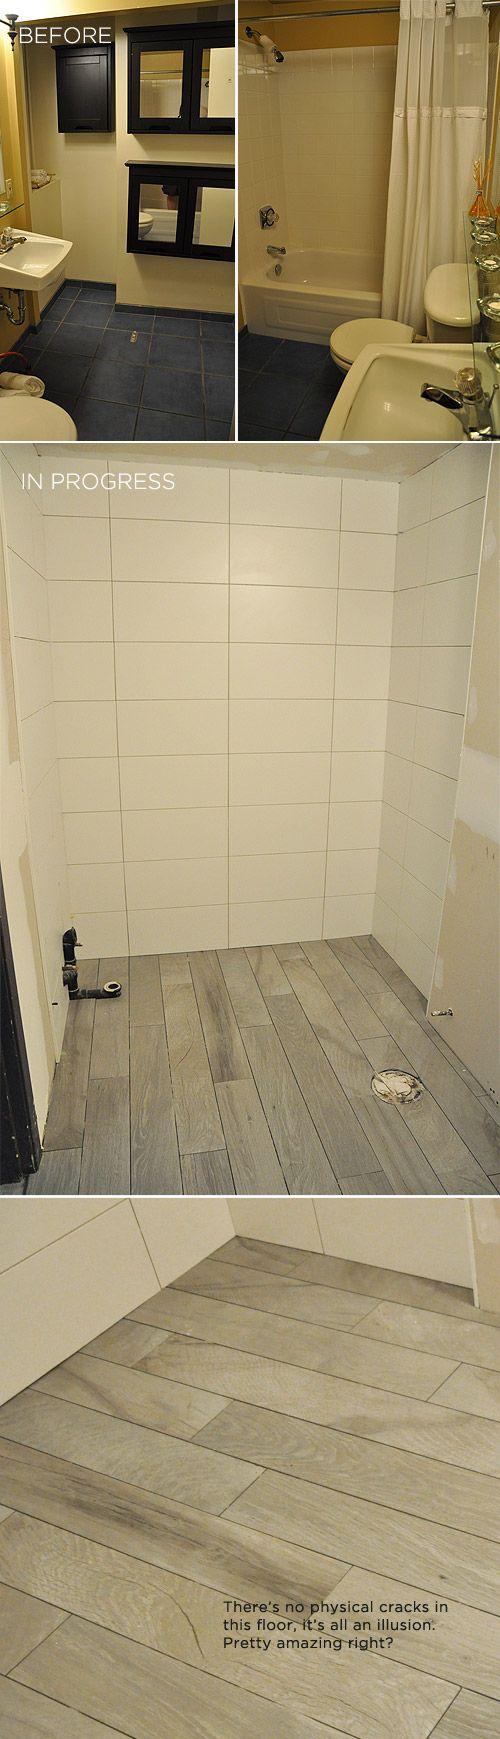 Downstairs Bathroom Sneak Peek | White tiles, Tile flooring and Plank